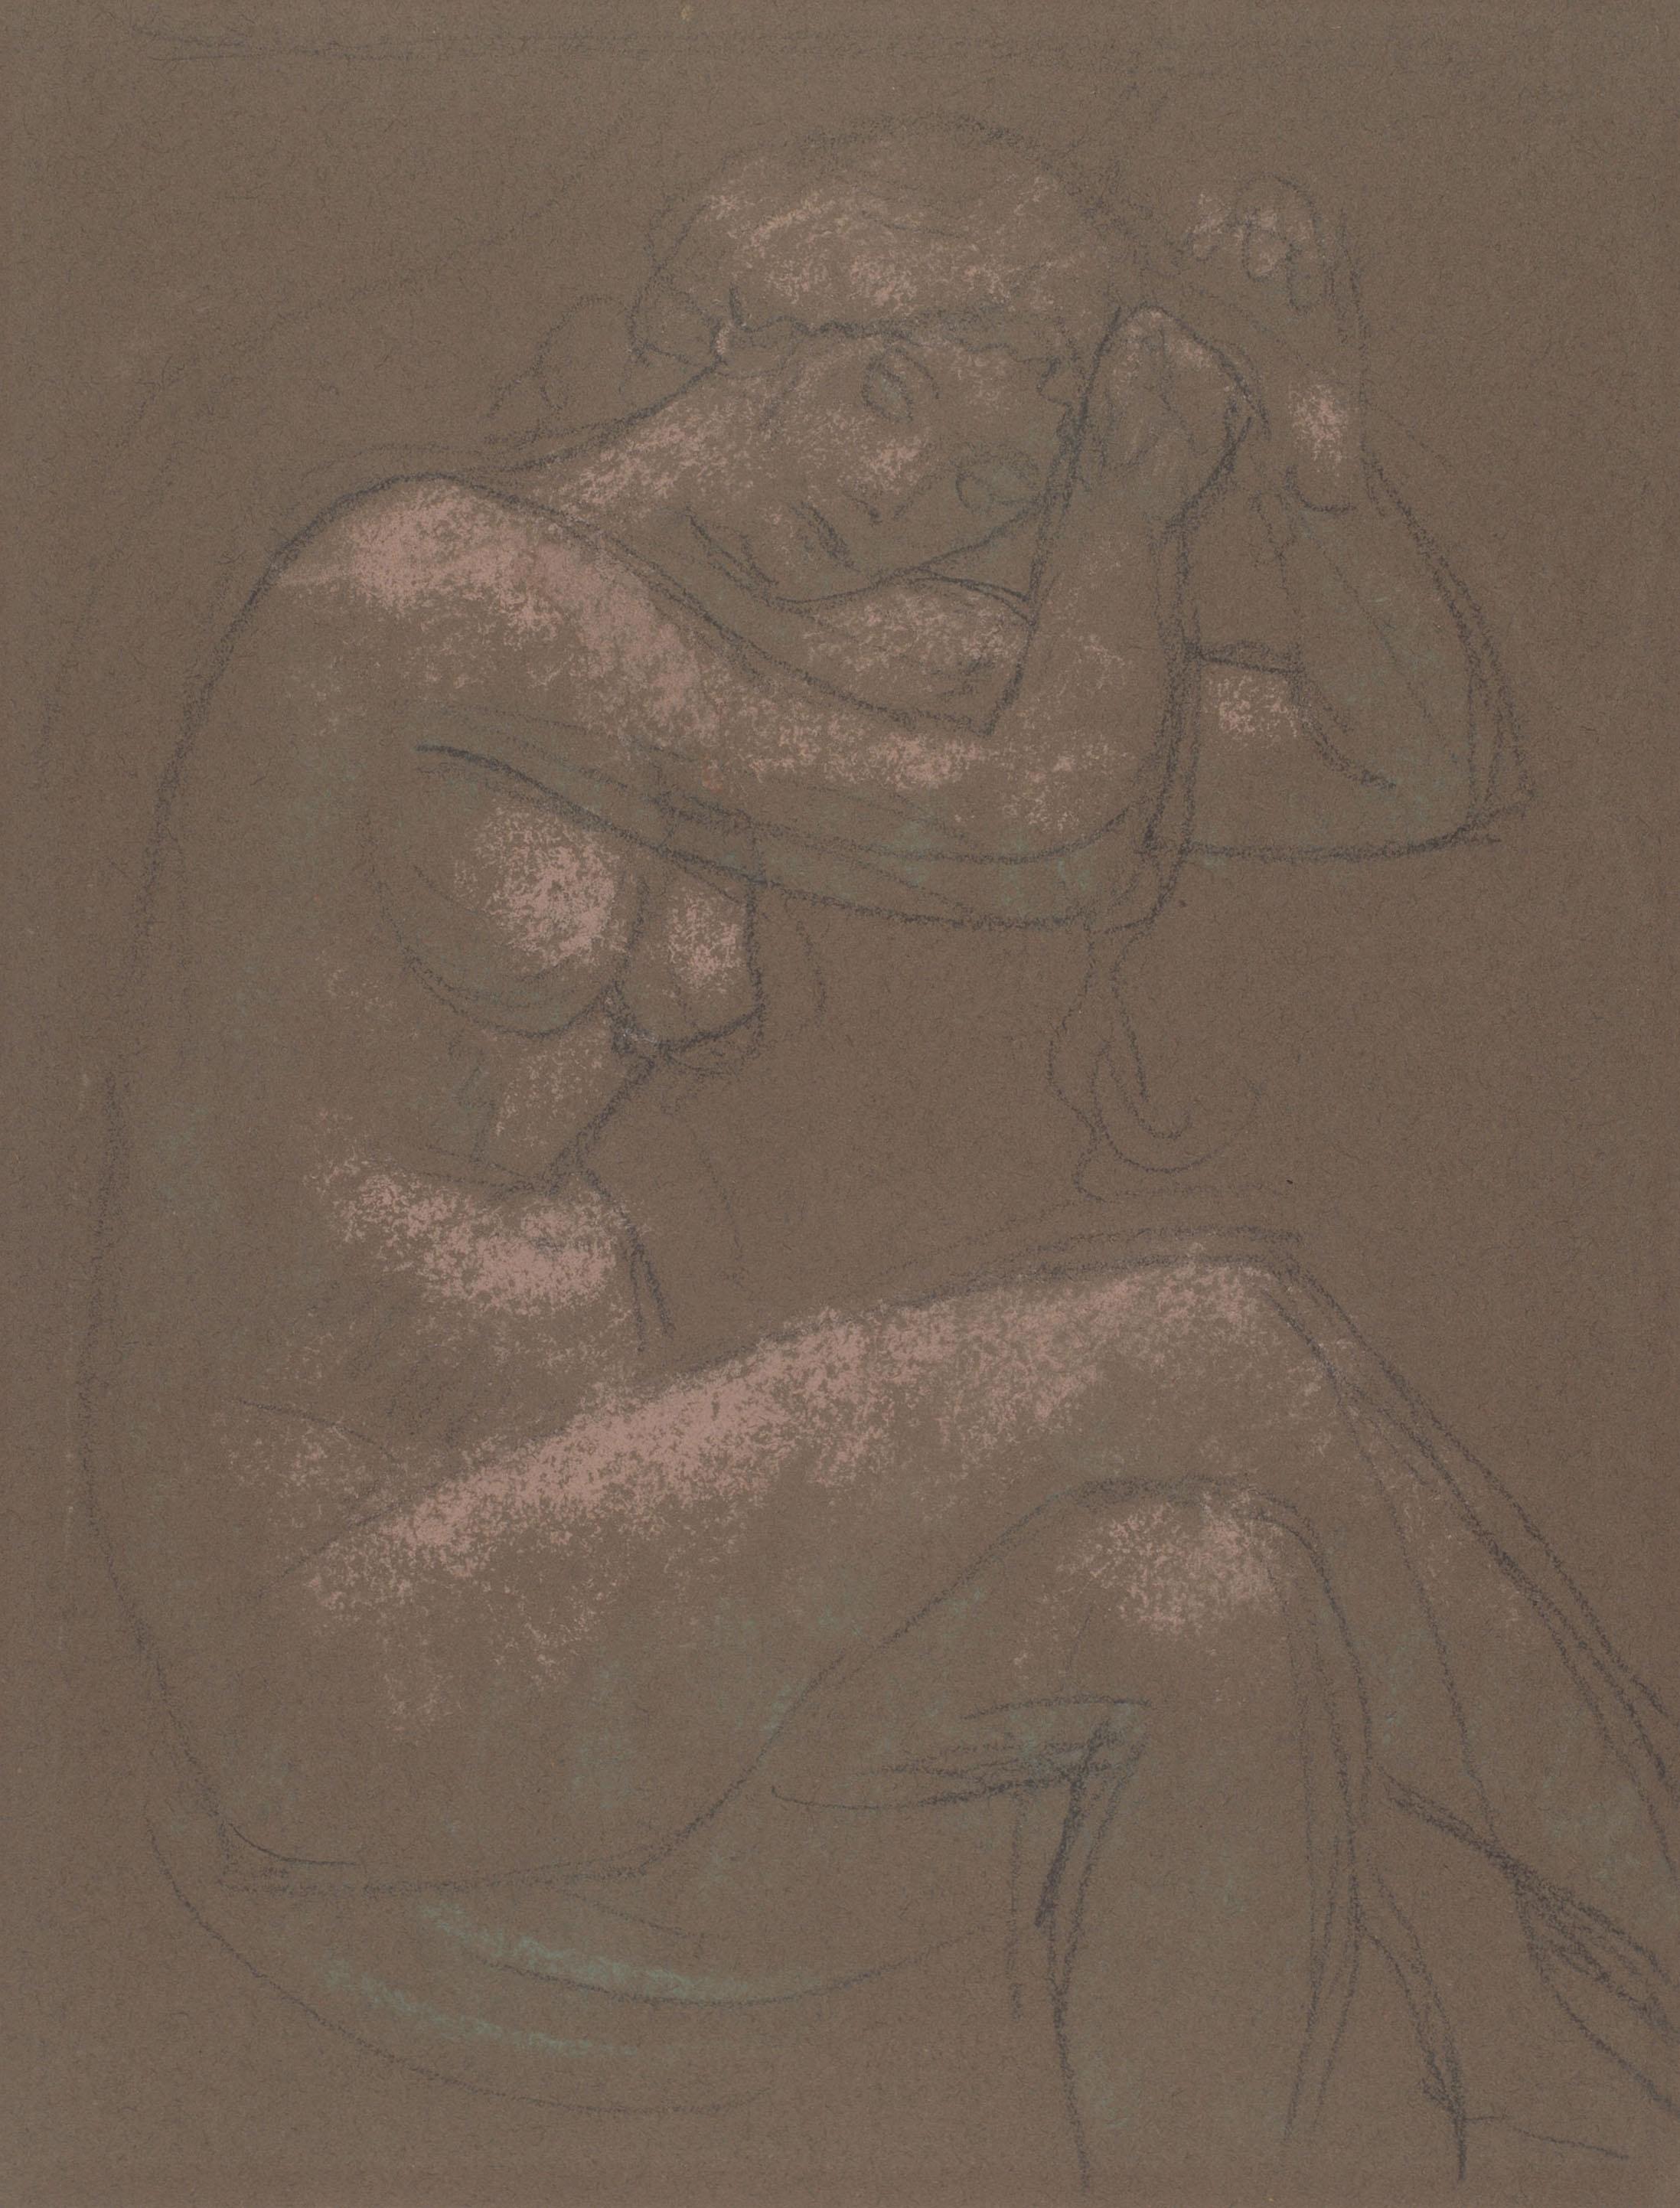 Juli González - Nu assegut amb els ulls clucs (Nu assis, yeux baissés) - Cap a 1914-1917